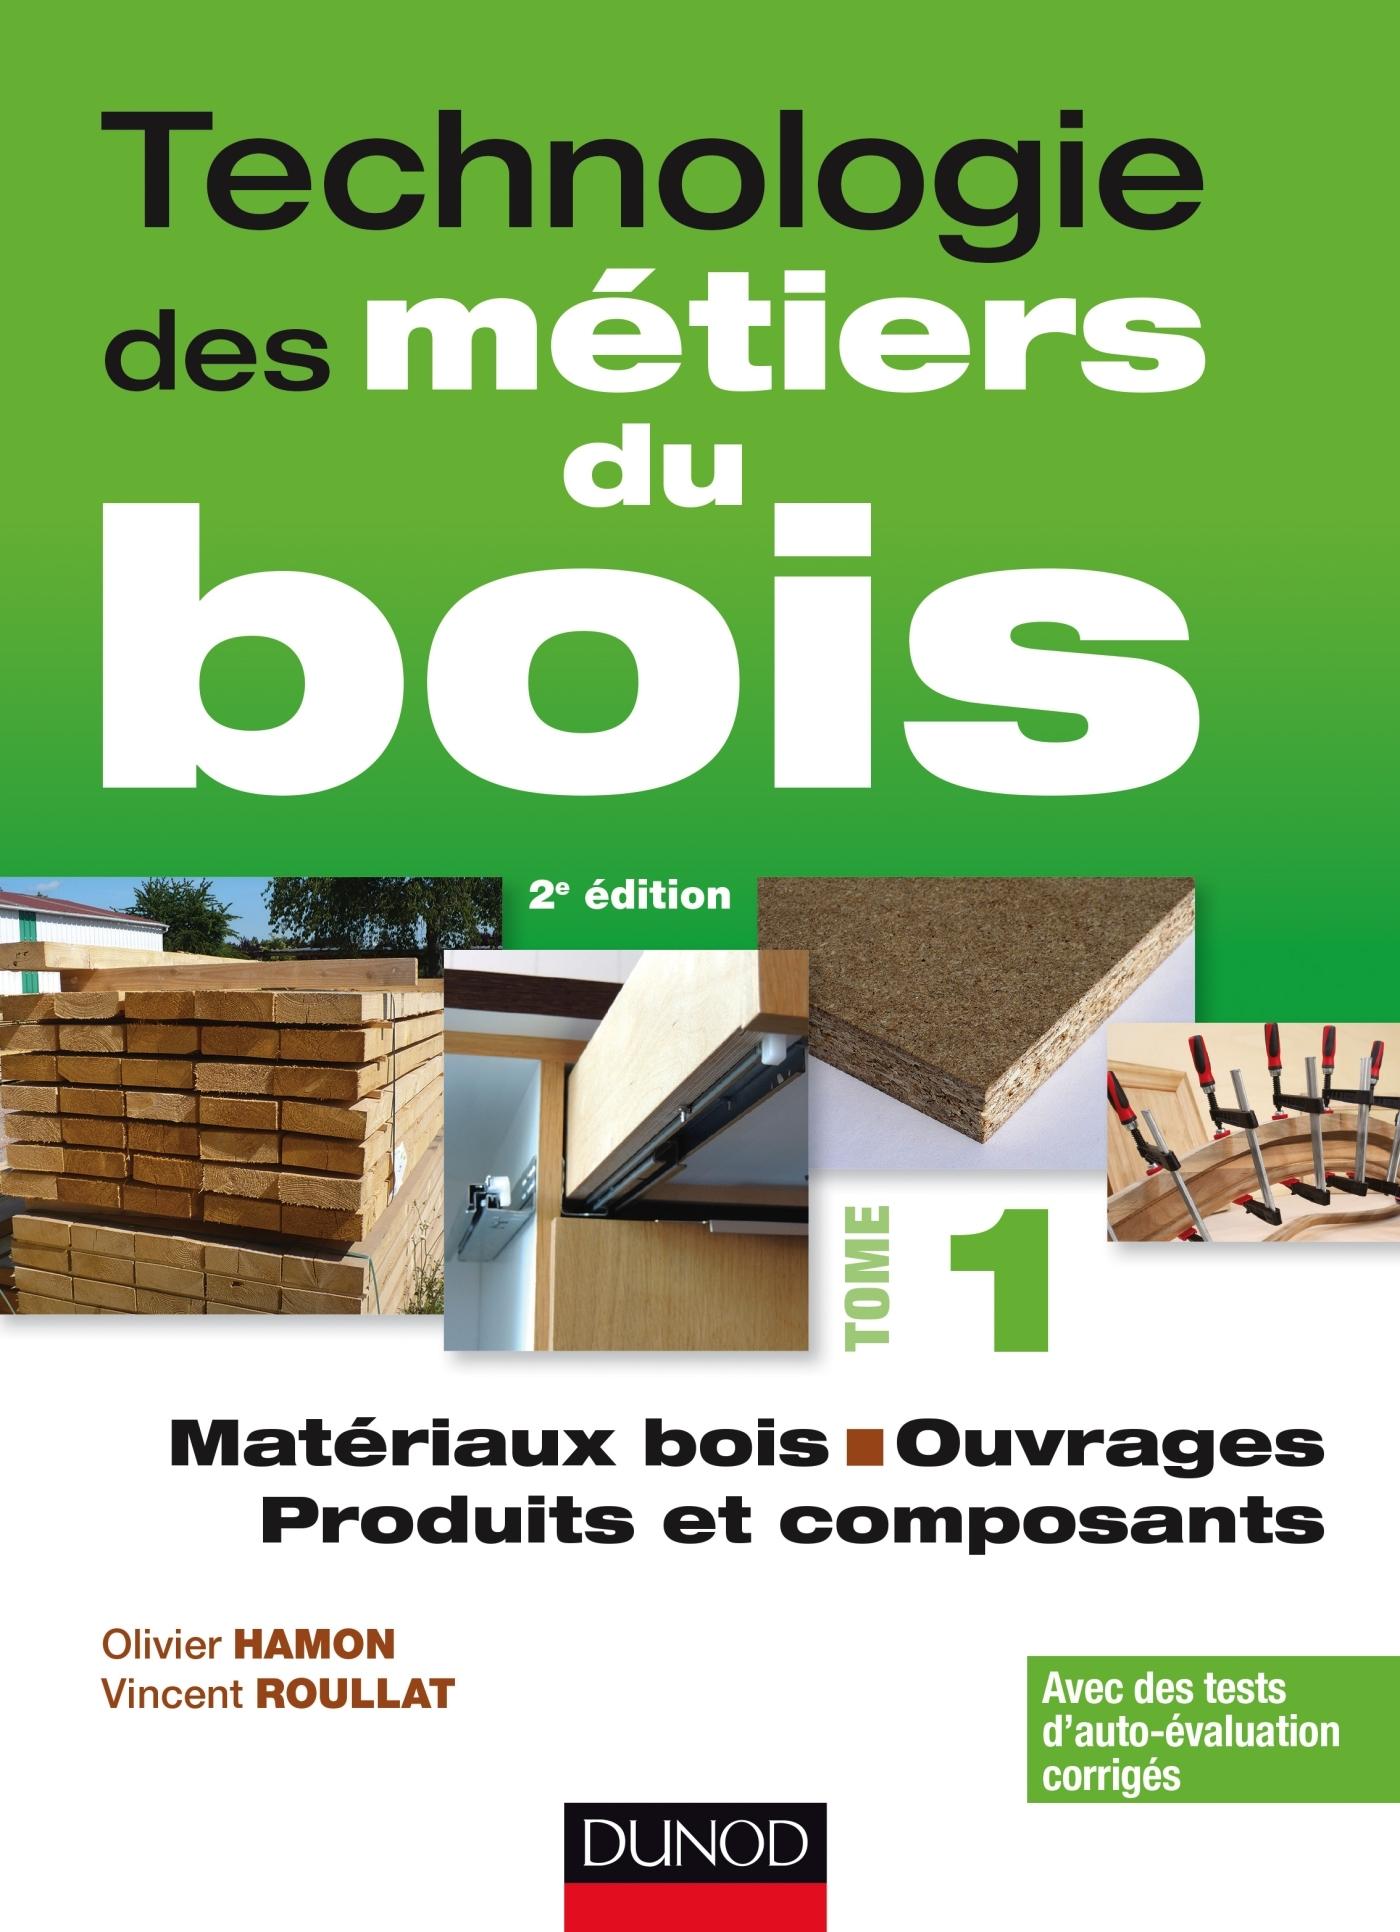 Formation Menuiserie D Art technologie des métiers du bois - tome 1 - matériaux bois